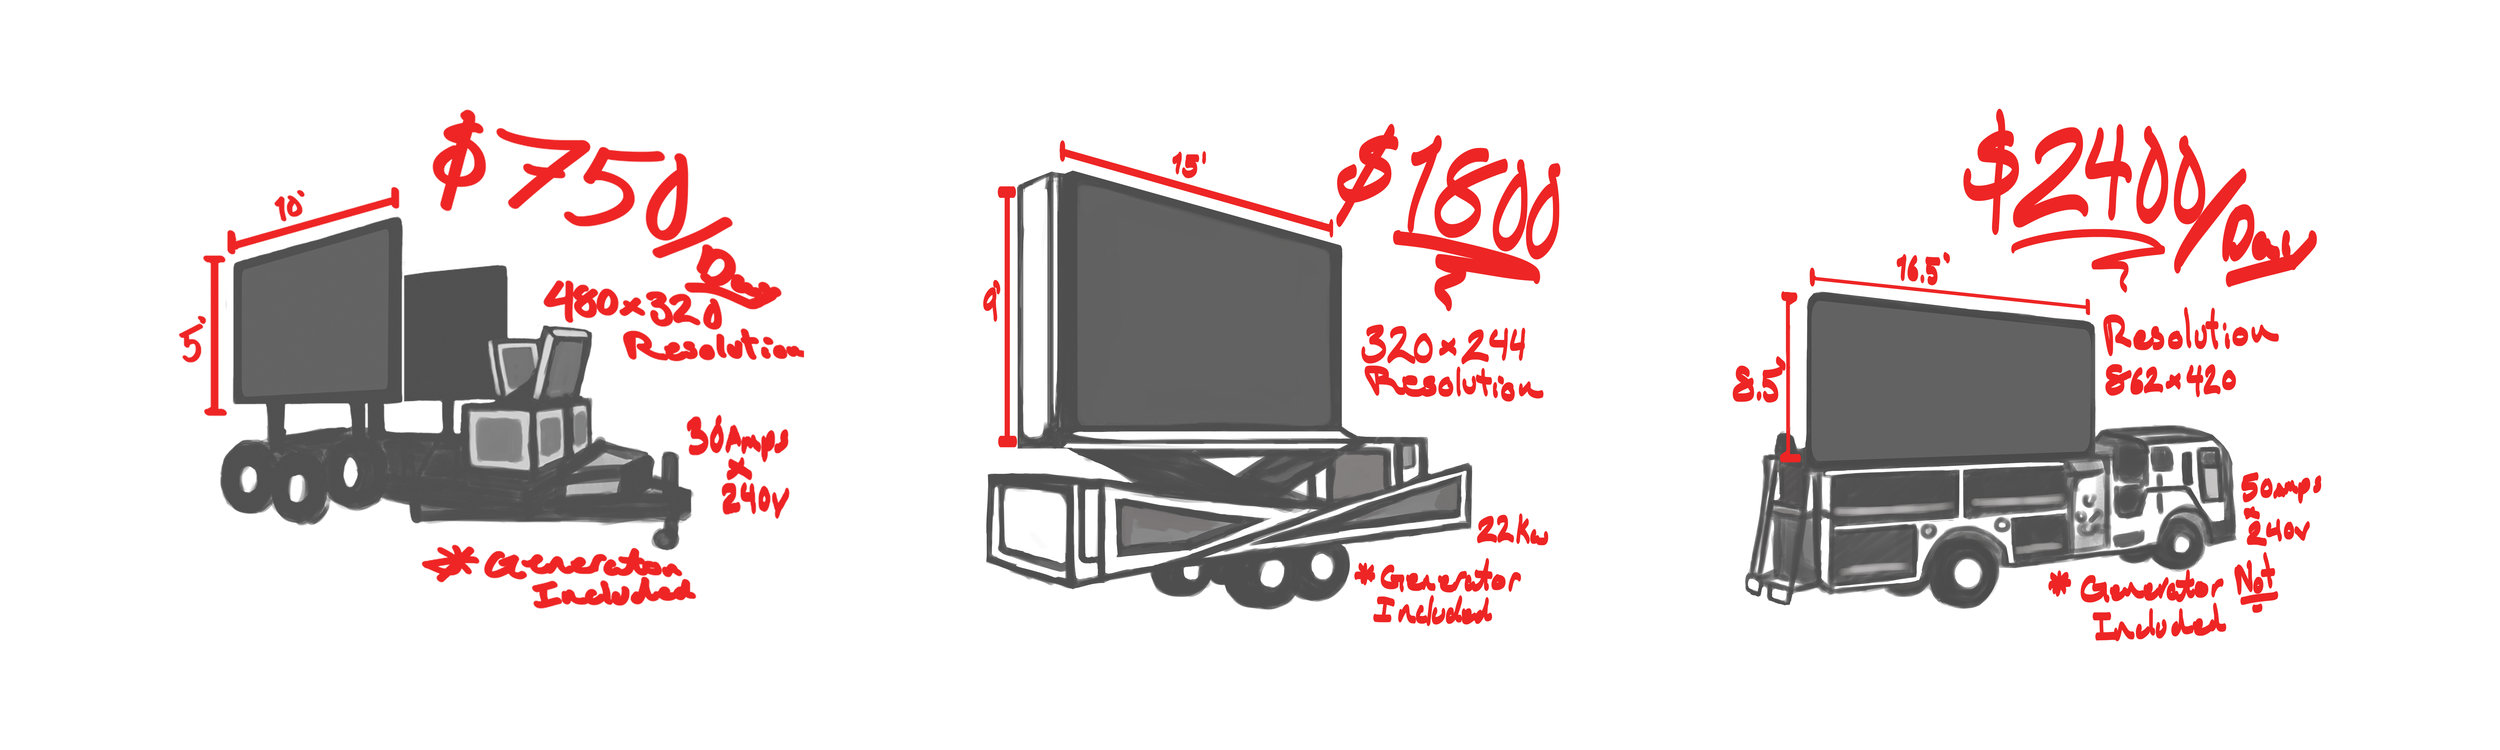 trailer banner.jpg